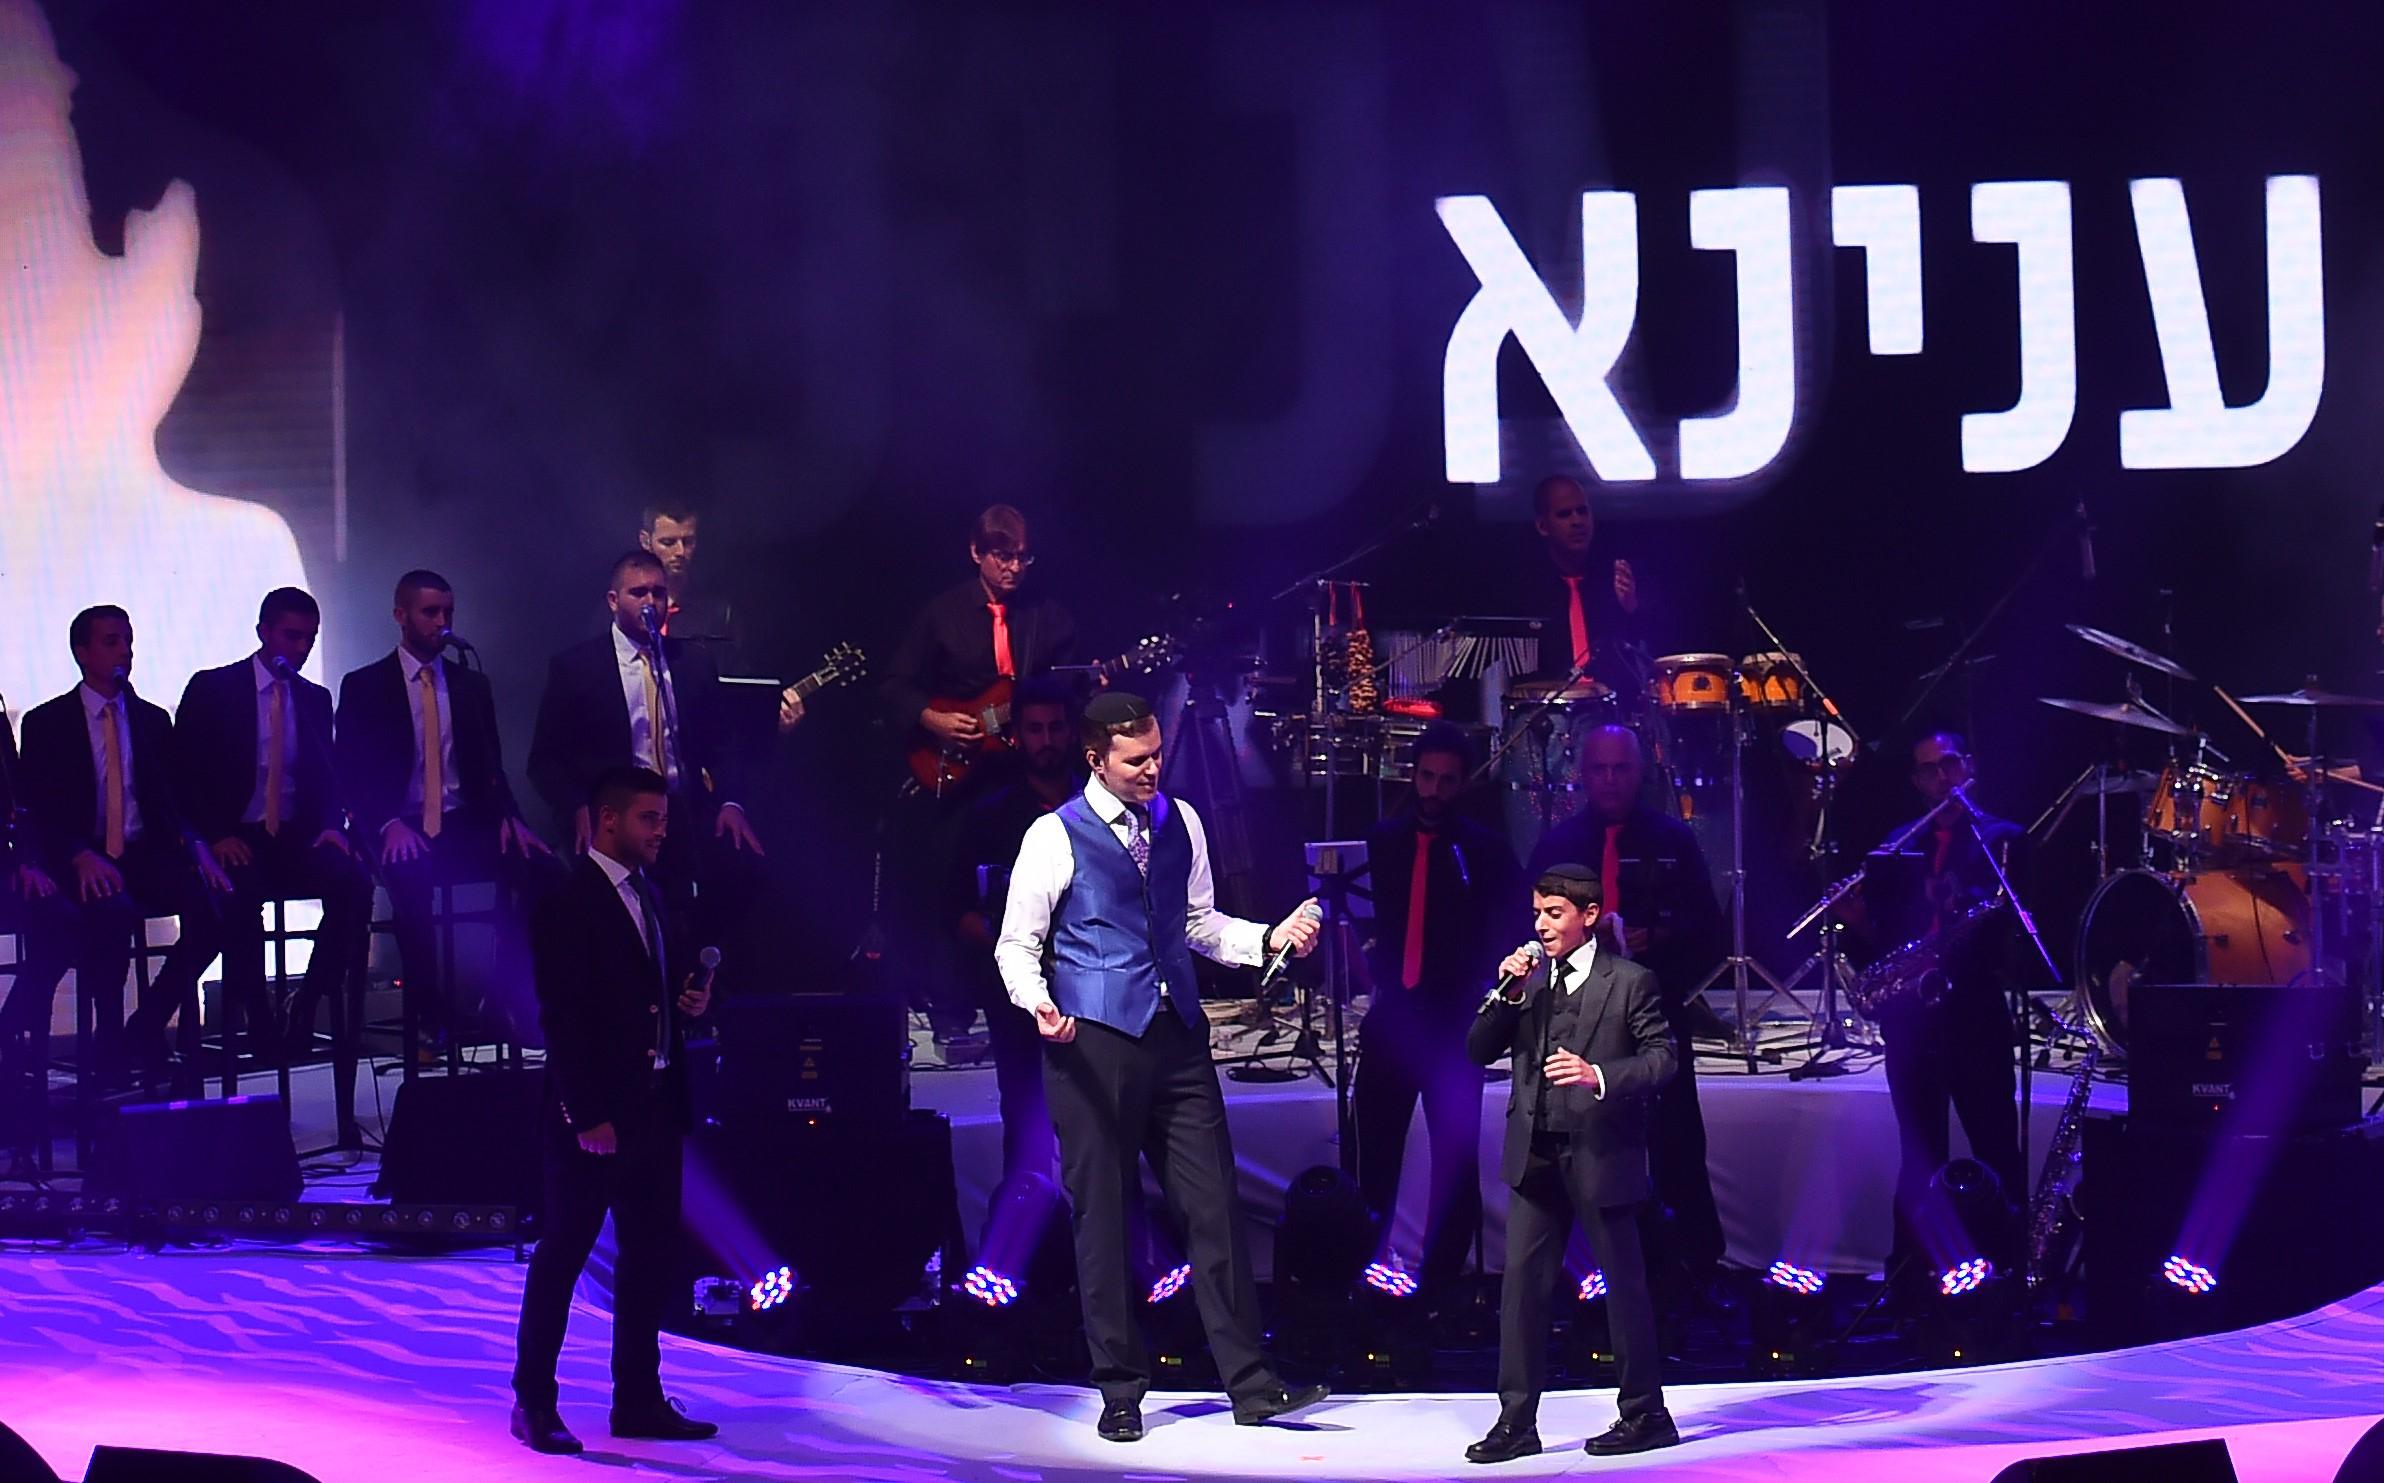 גדולי הזמר היהודי במחרוזת שירי רכניץ • צפו